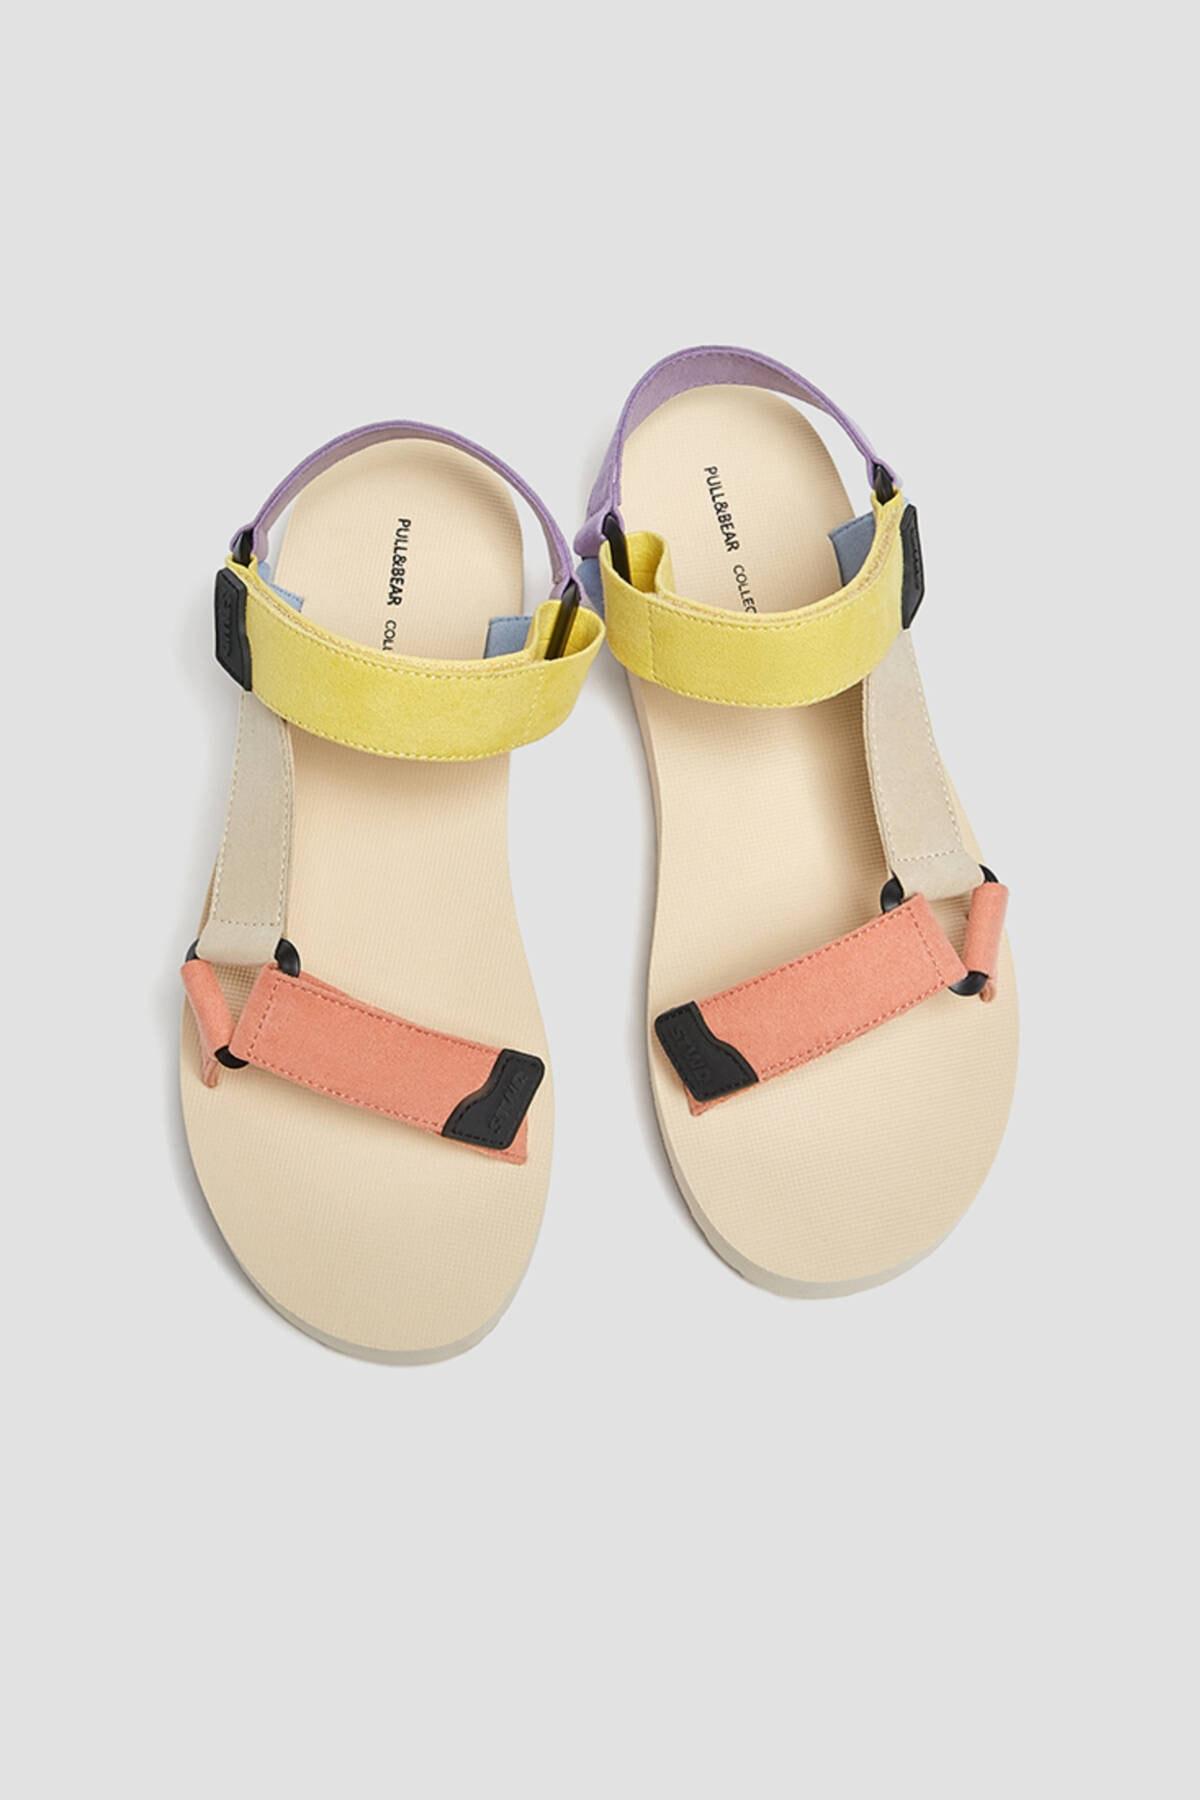 Pull & Bear Kadın Çok Renkli Çok Renkli Spor Sandalet 11708740 3